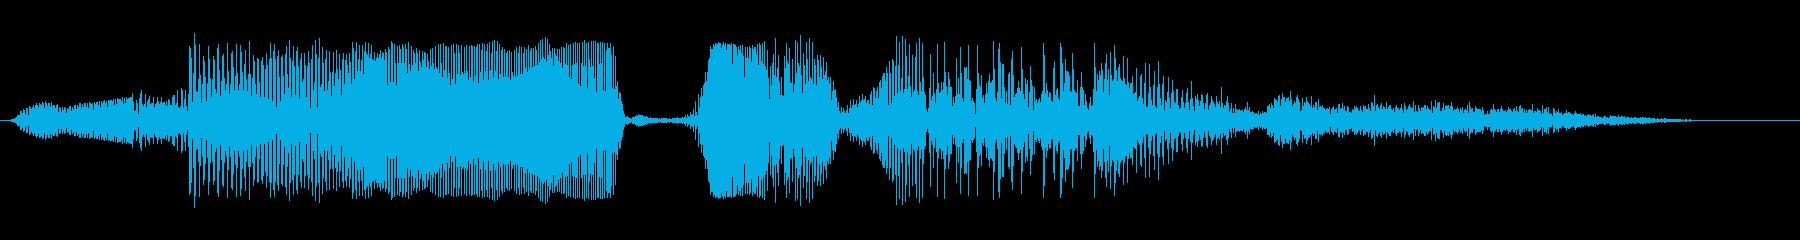 マーベラスの再生済みの波形